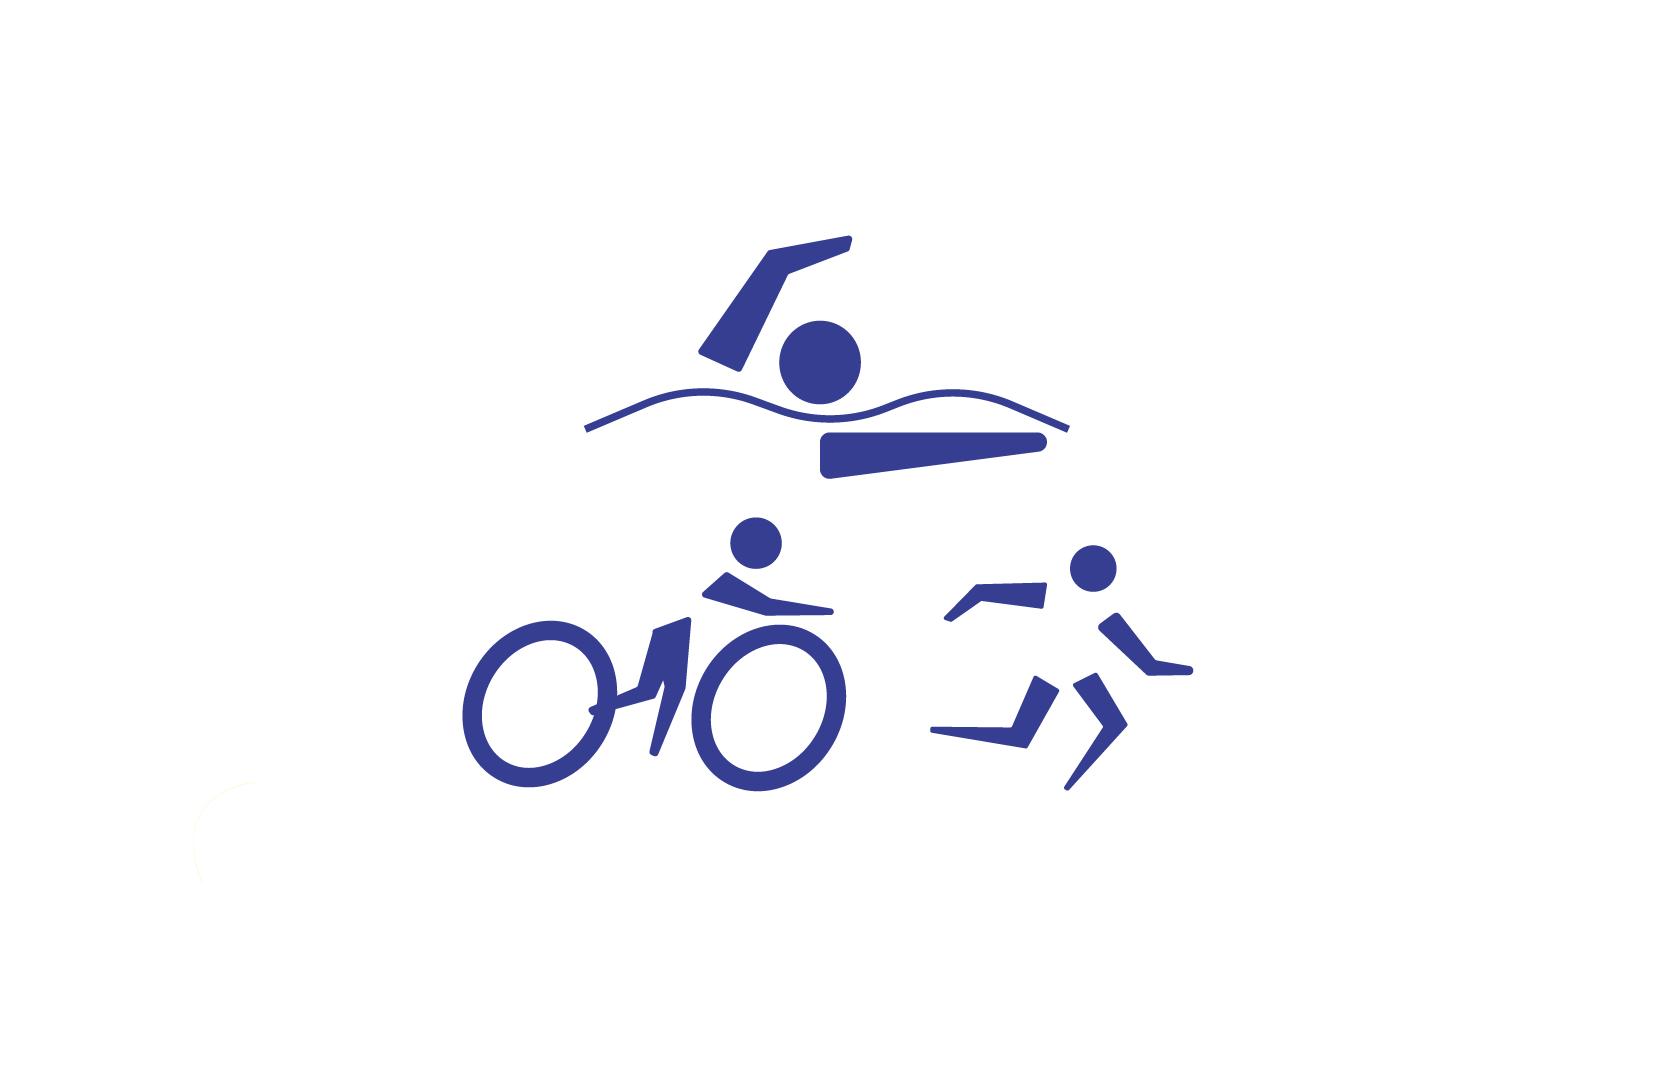 A imagem mostra o pictograma da modalidade triatlo